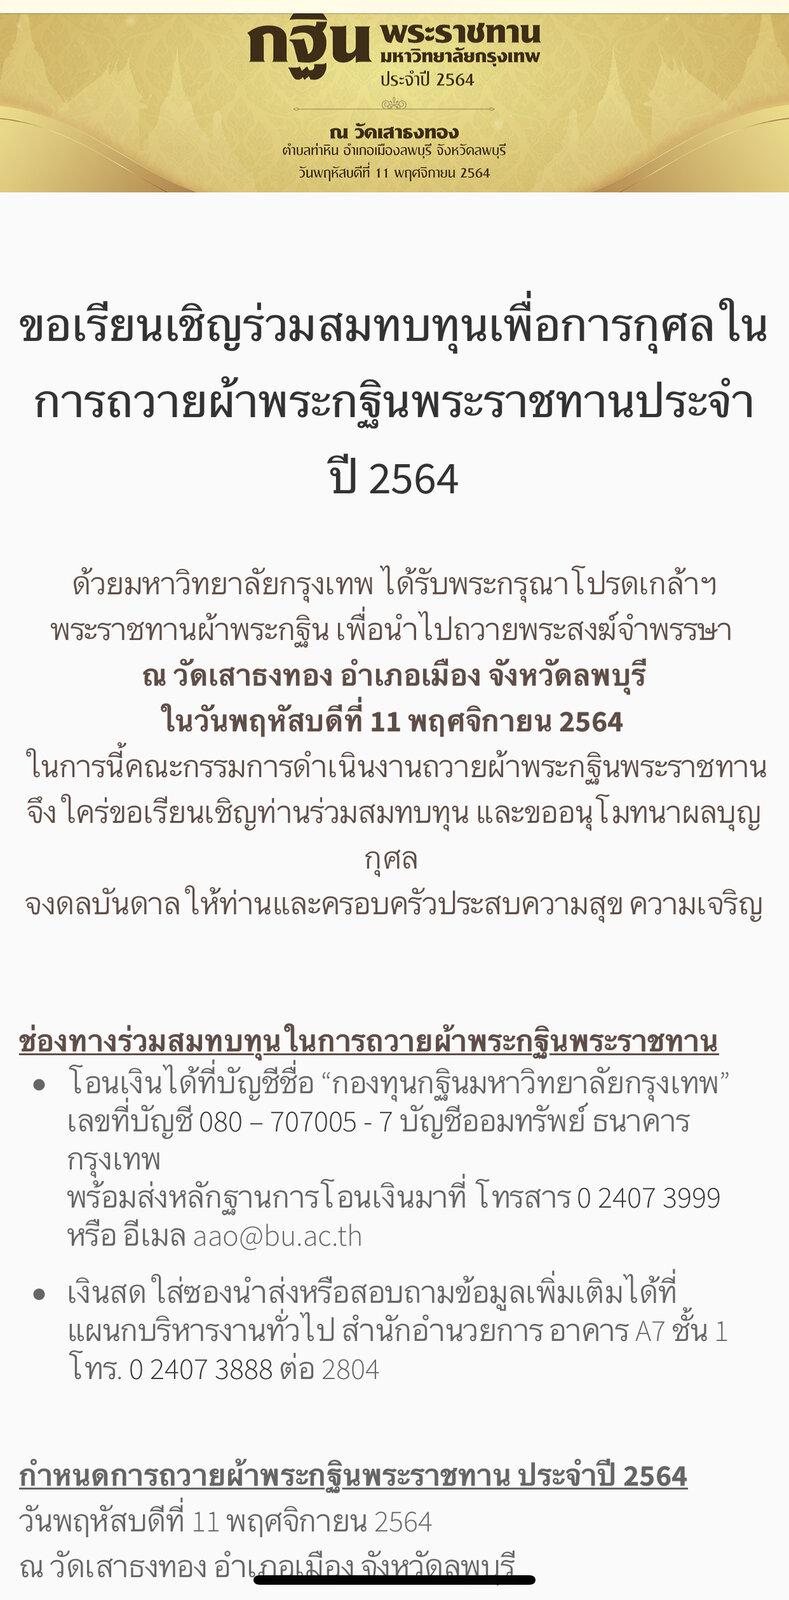 5A618227-A4D4-4B6C-A480-9611C254F5AB.jpeg